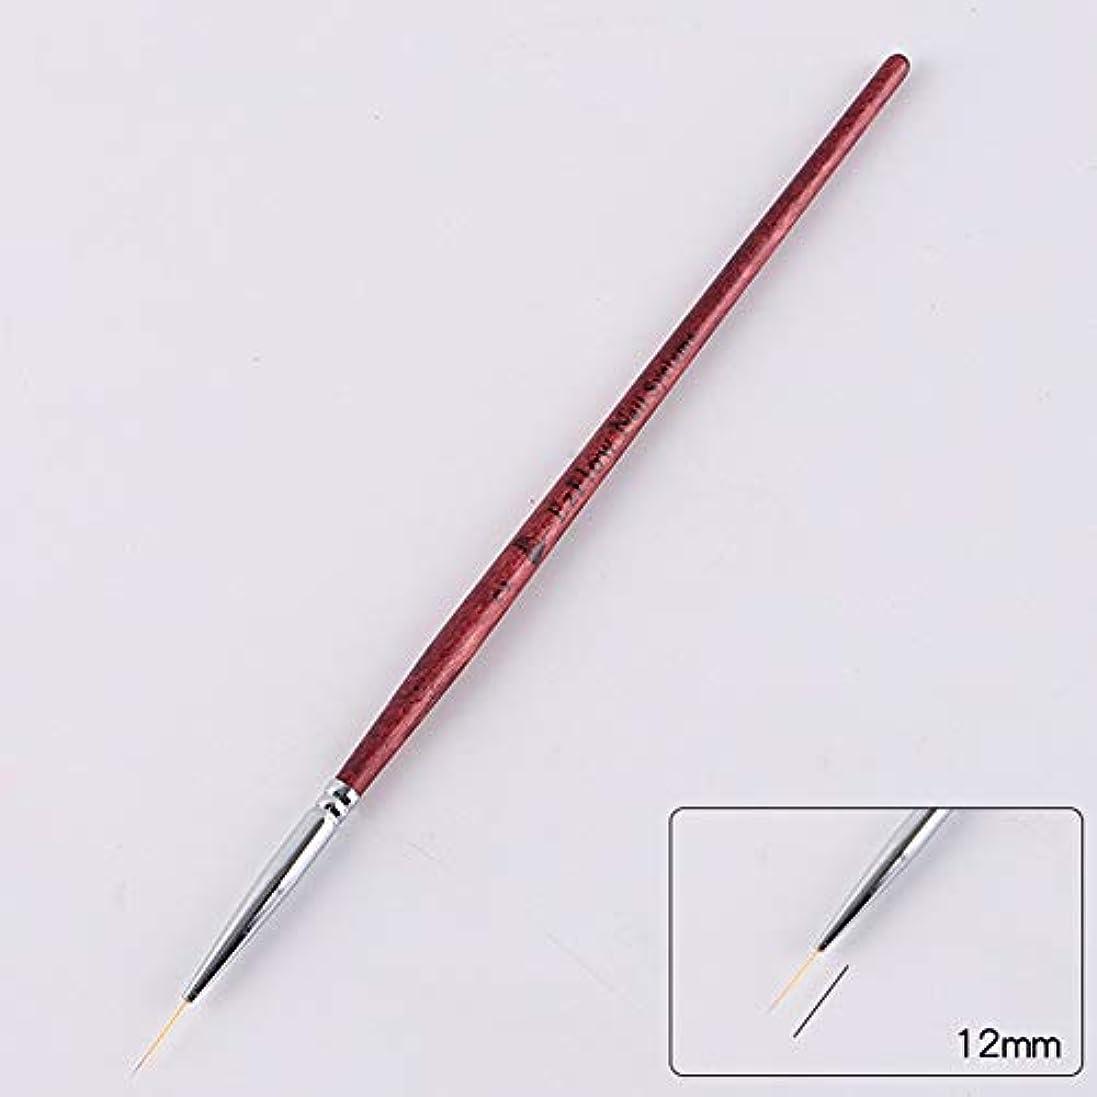 ACHICOO ネイルブラシ ネイルアートライナー ブラシペン DIY ネイルアート ドットツール ネイルアートペン用 初心者   2#1.2cm